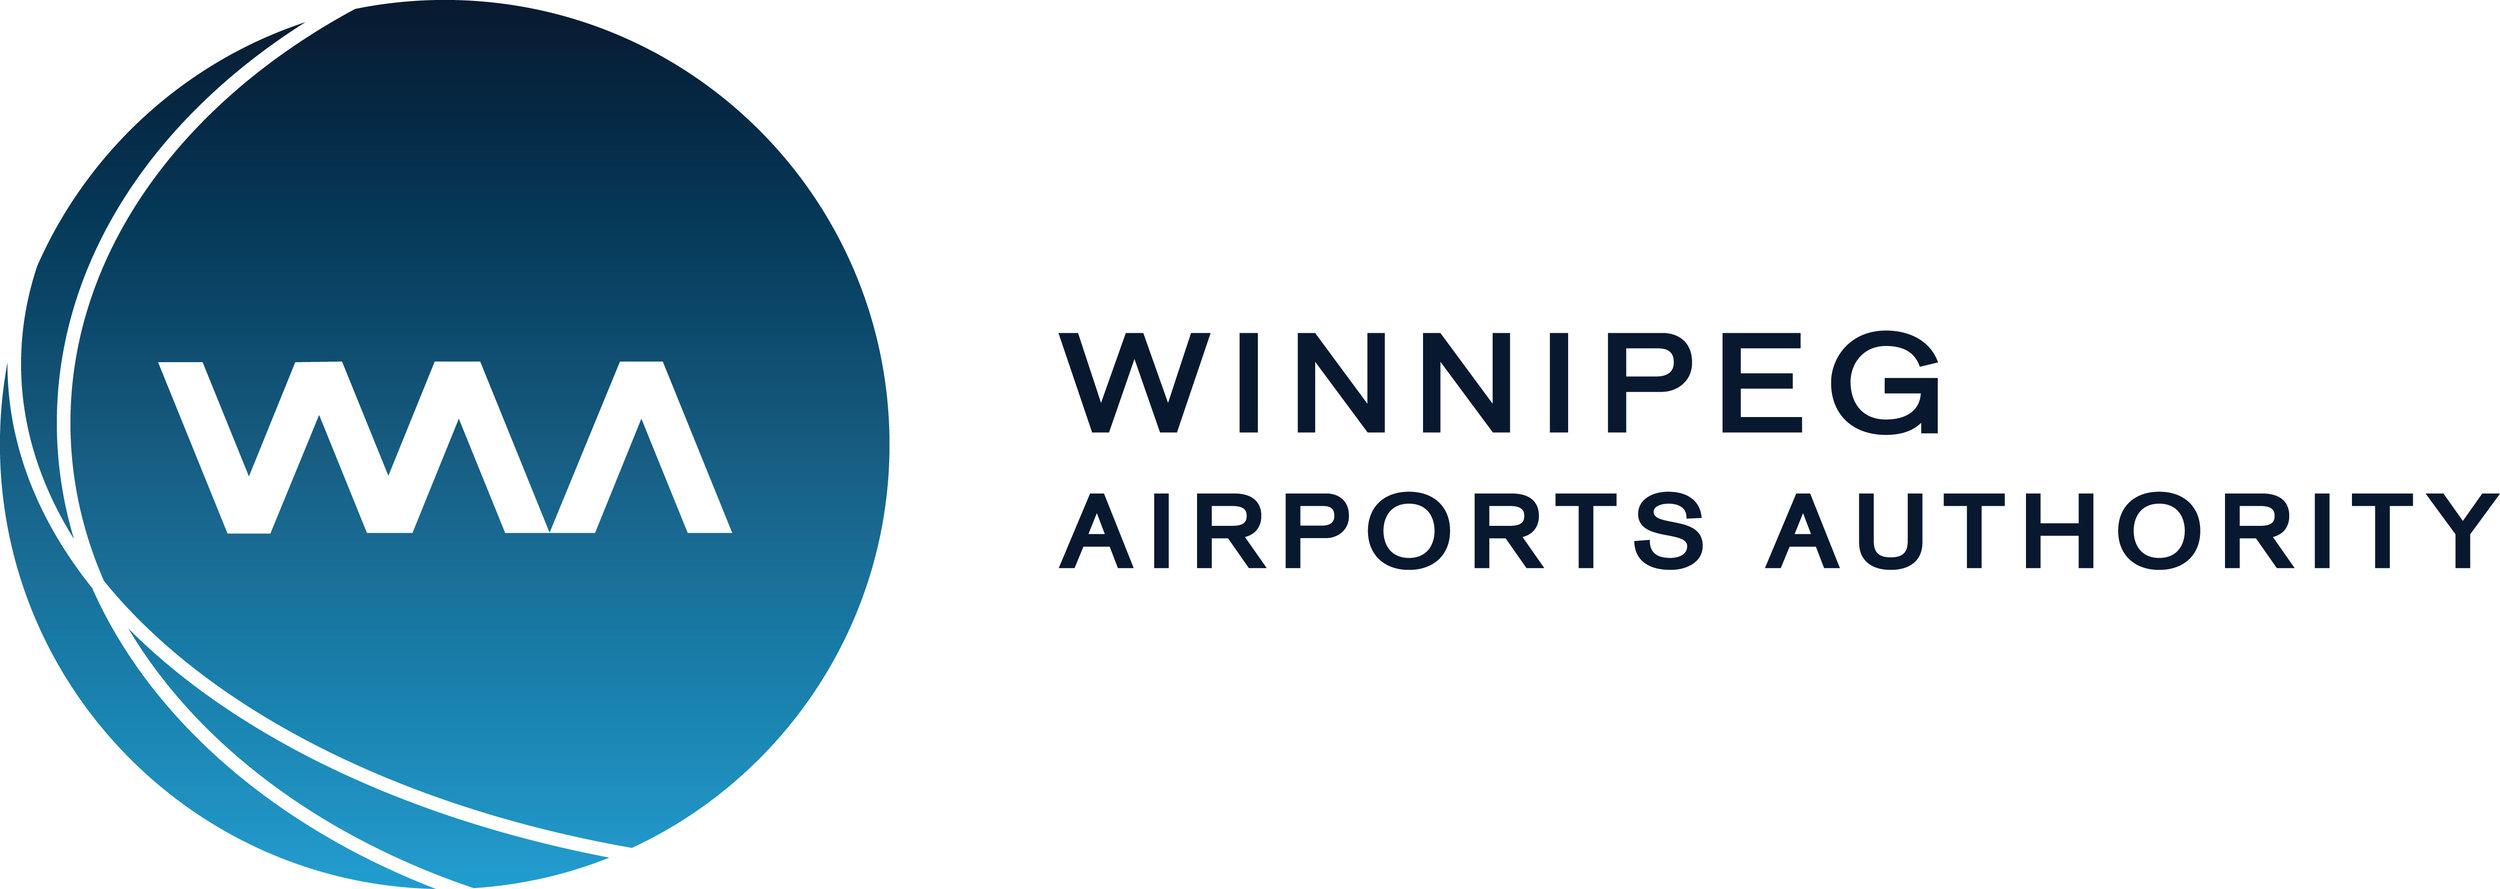 WAA_High_res logo.jpg